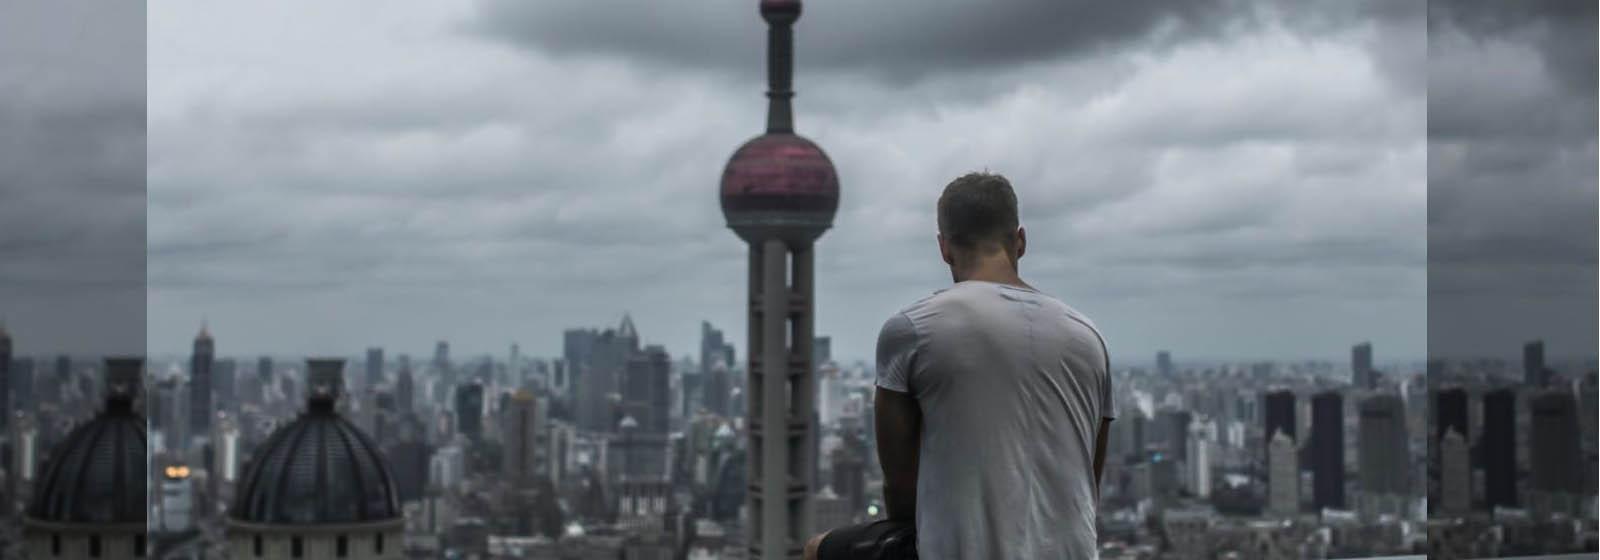 Жизнь в Китае — как дома